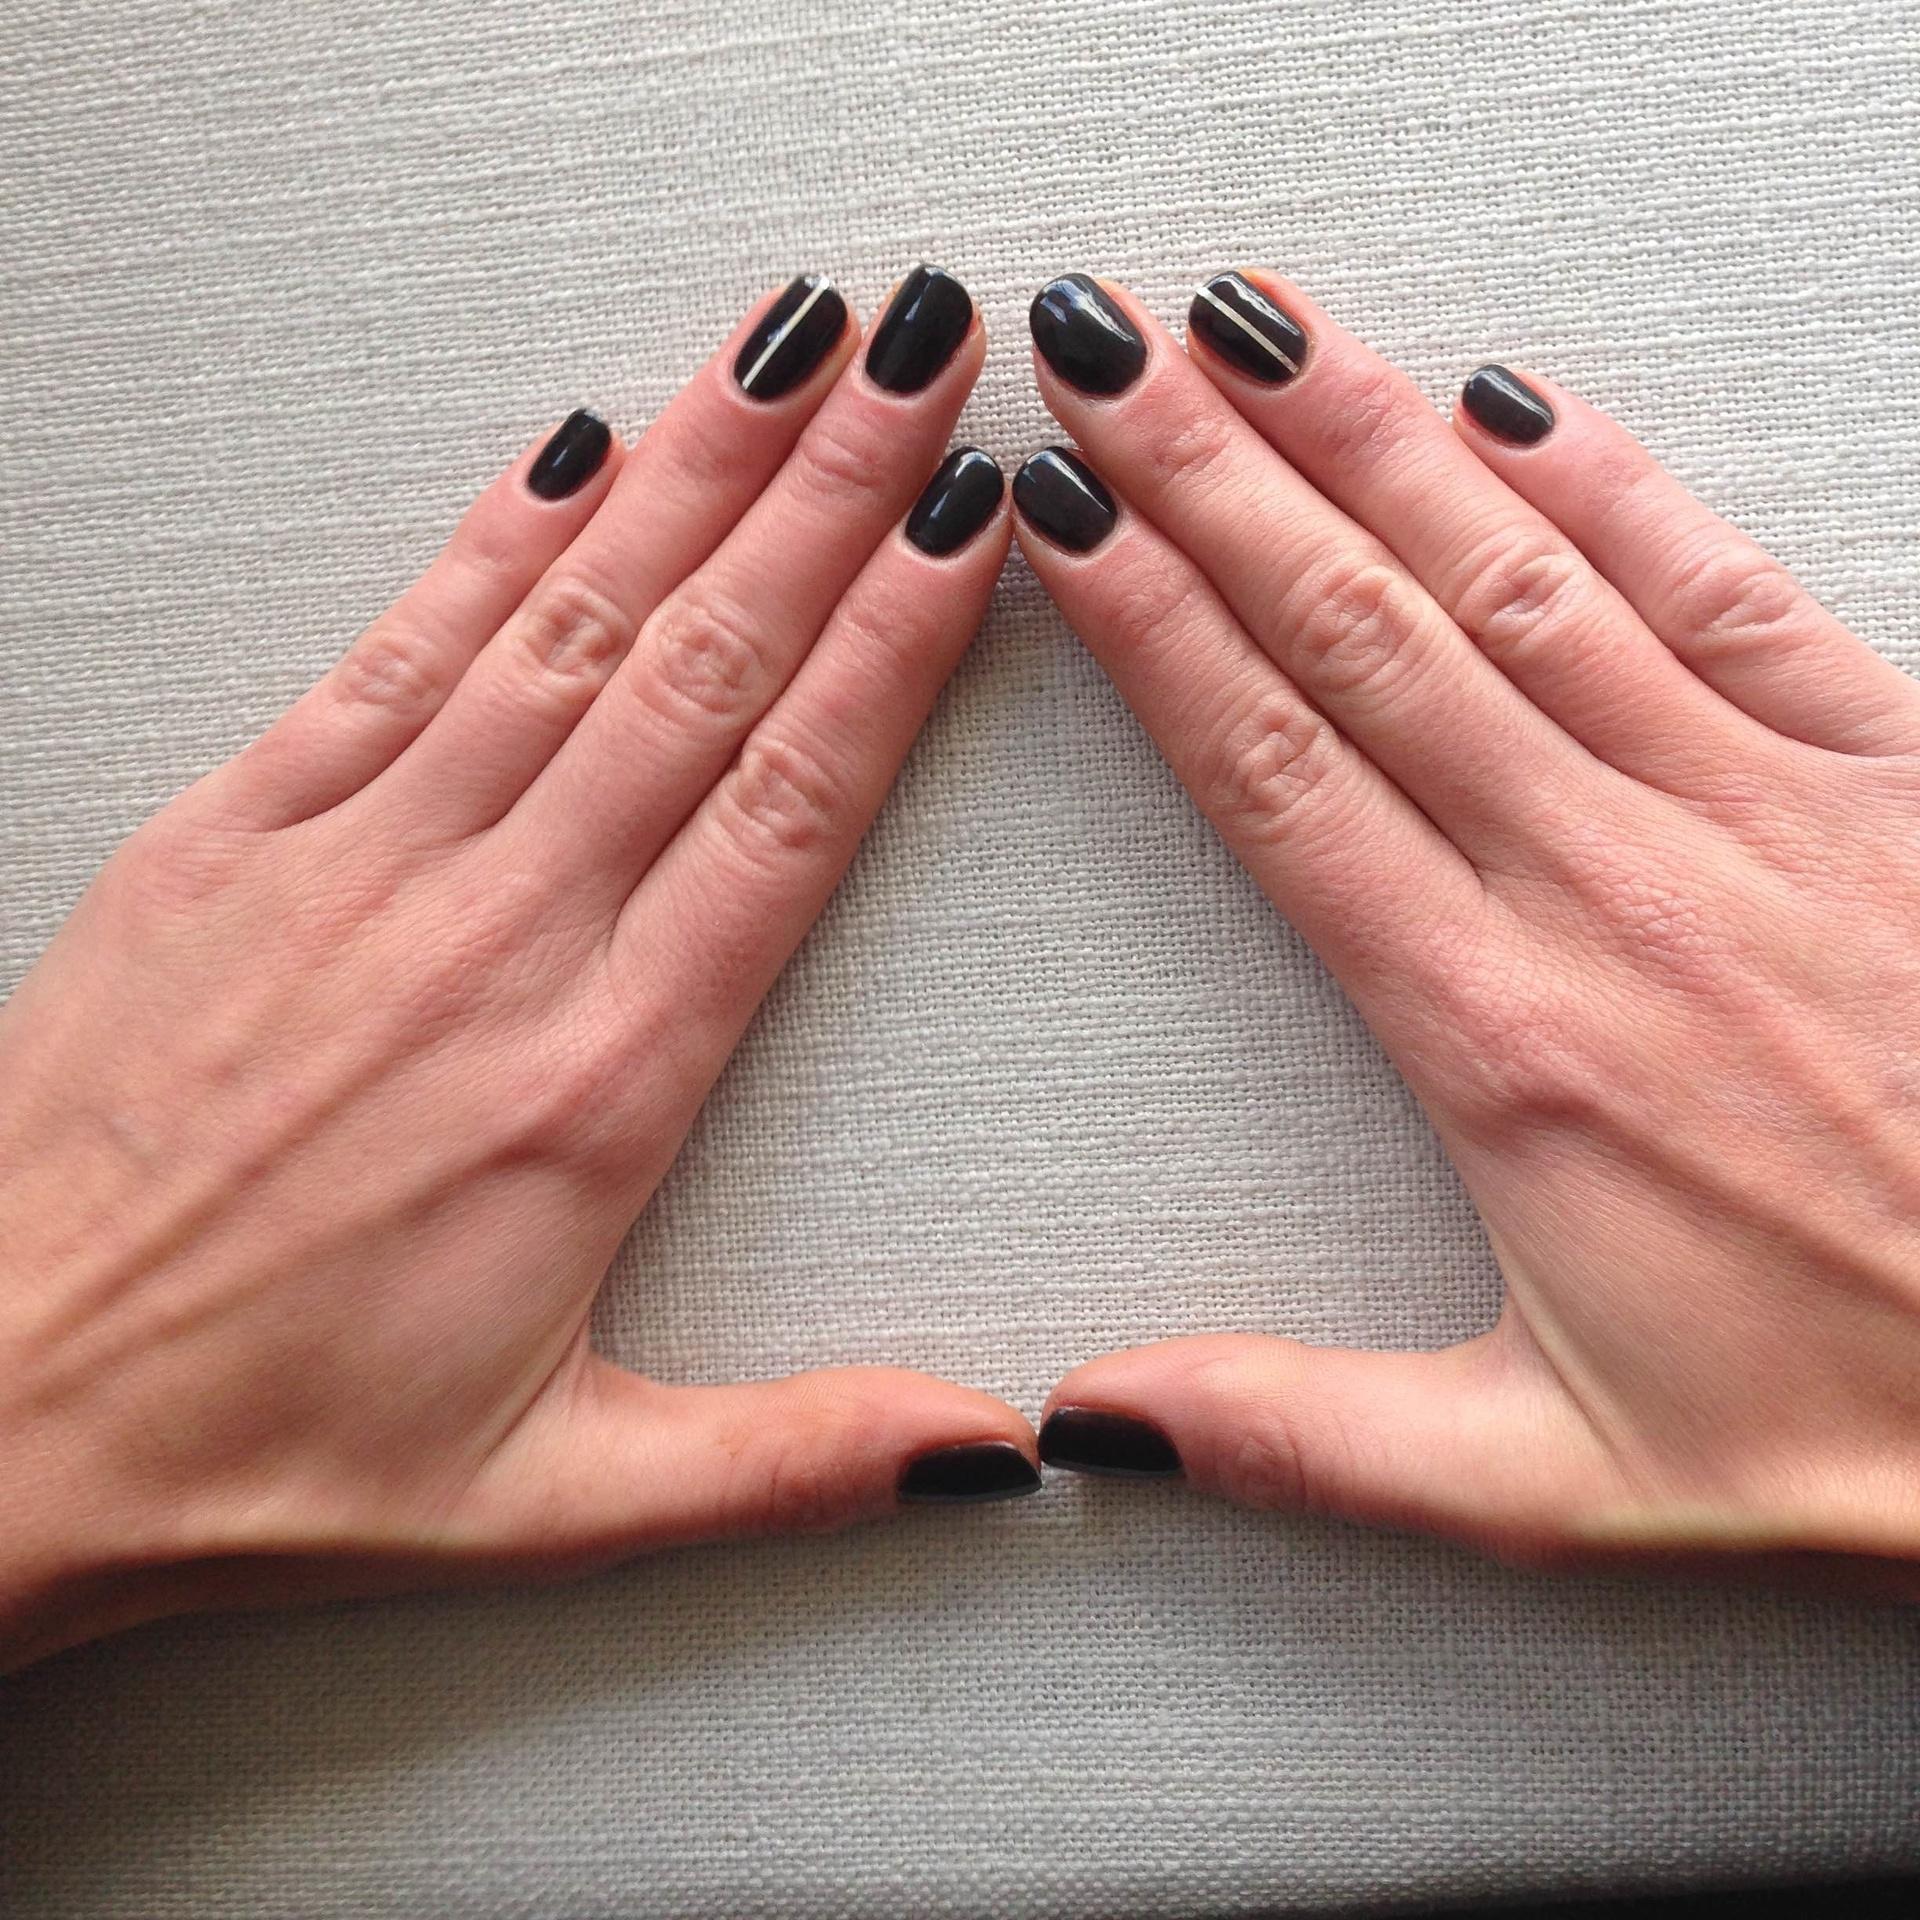 Nails7 - Copy